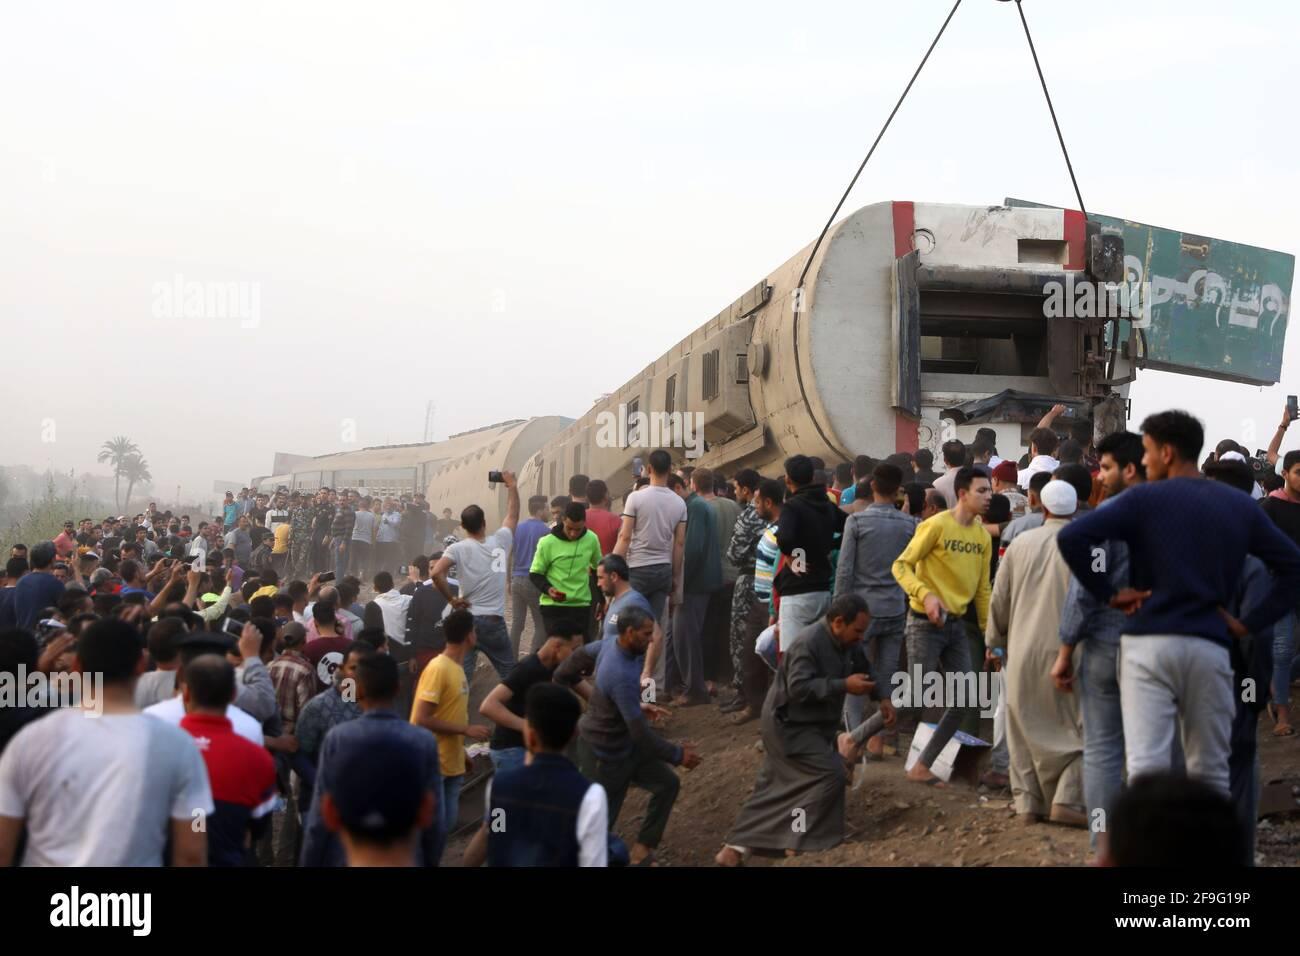 Toukh, Egitto. 18 Apr 2021. I soccorritori lavorano sul sito di un deragliamento ferroviario nella città Delta di Toukh, Egitto, il 18 aprile 2021. Almeno 97 persone sono state ferite in un deragliamento ferroviario la domenica nella città del Delta di Toukh, a nord della capitale egiziana il Cairo, ha detto il Ministero della Salute egiziano. Credit: Ahmed Gomaa/Xinhua/Alamy Live News Foto Stock